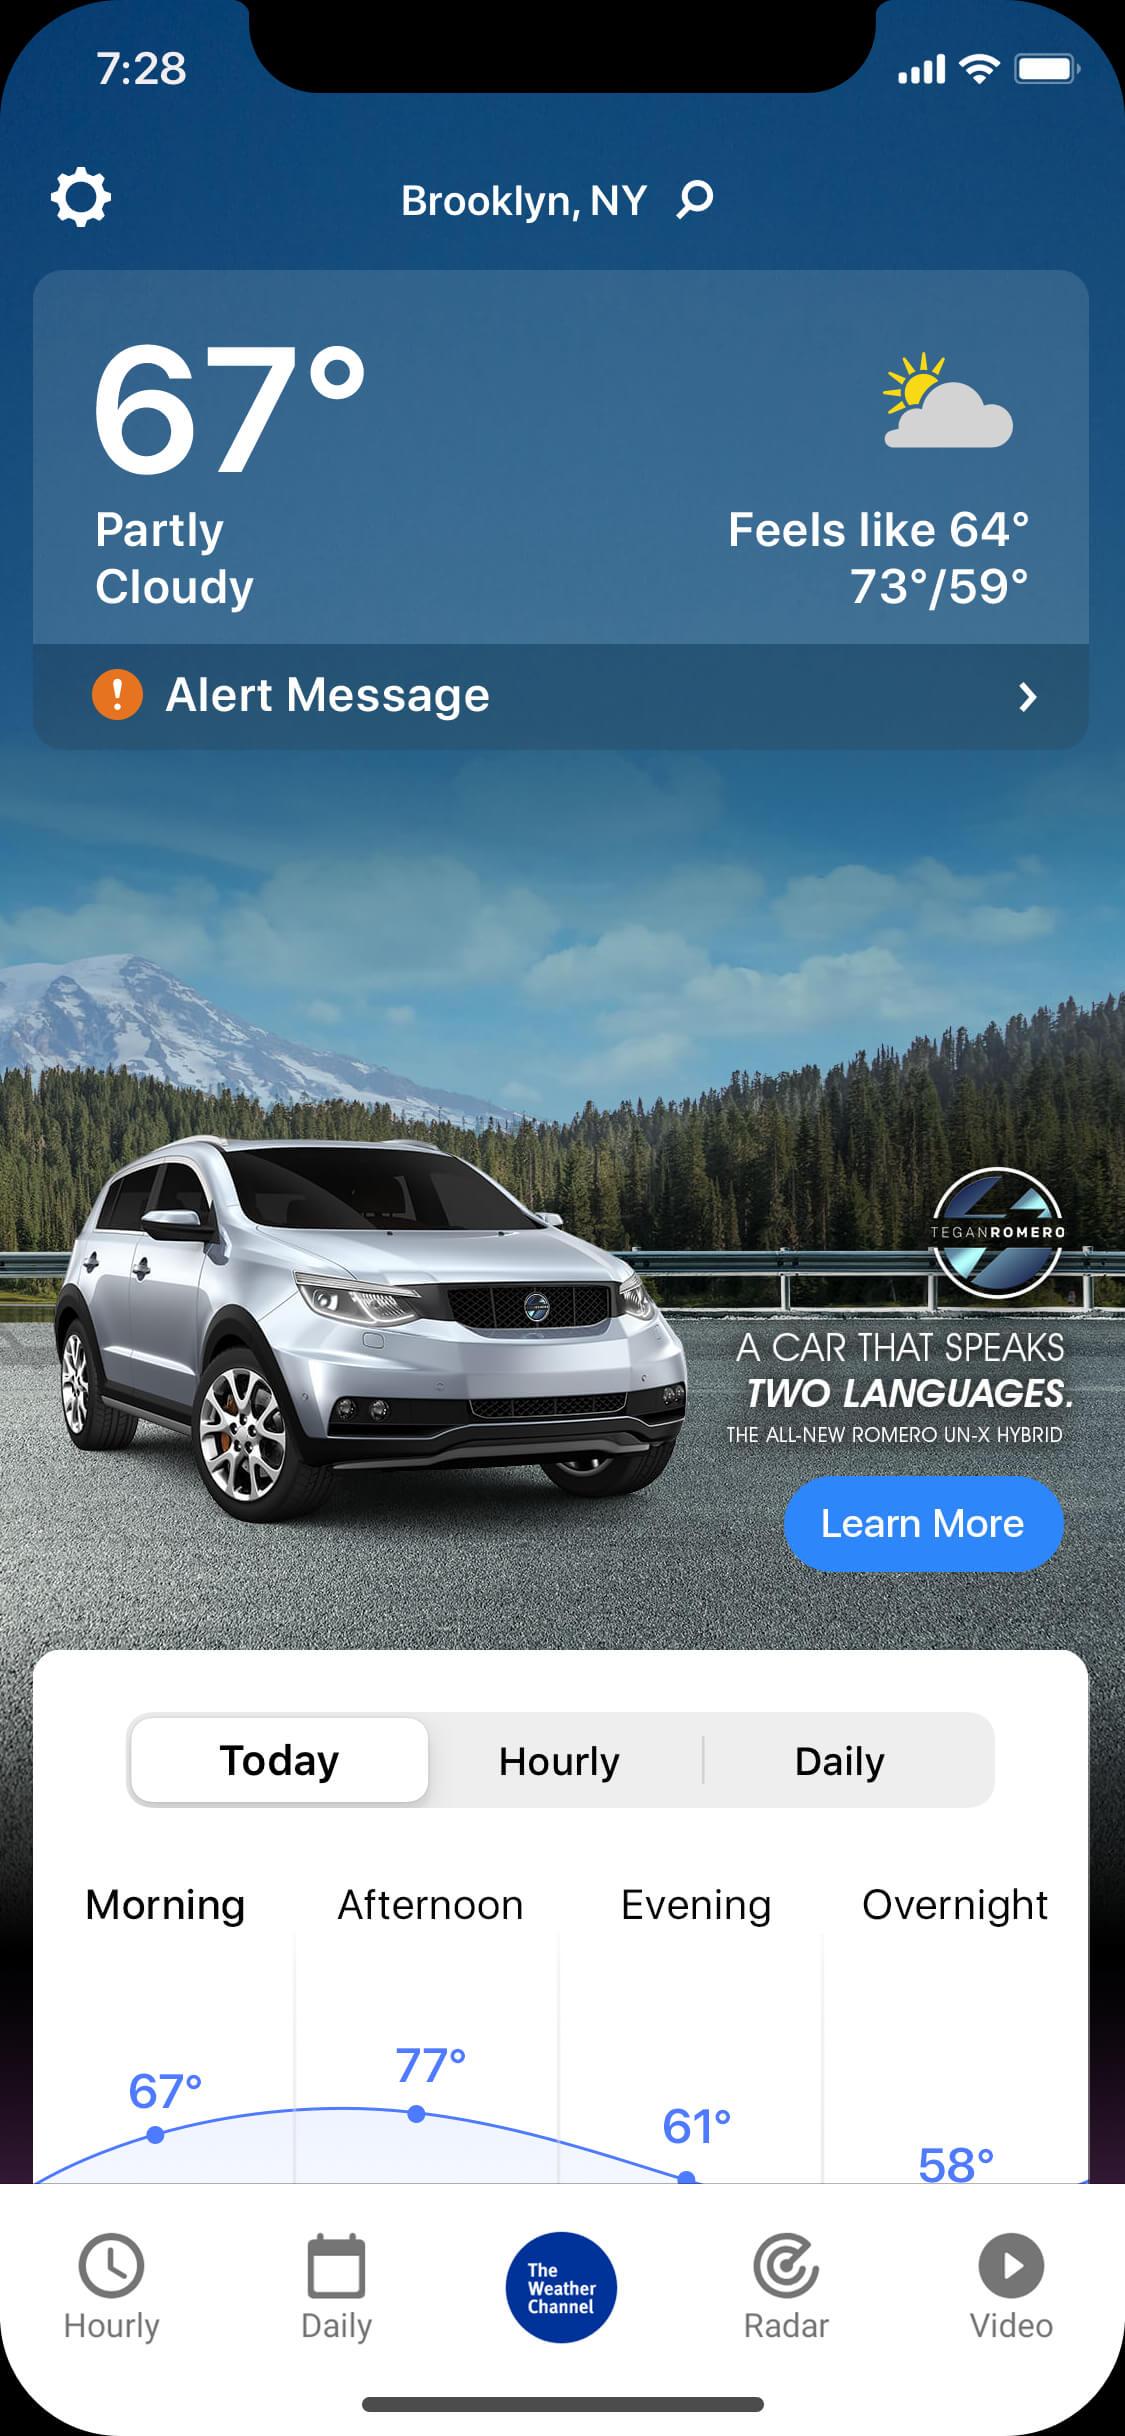 Generic_Automobile-Remero_Hybrid-cloudy_day-KILO